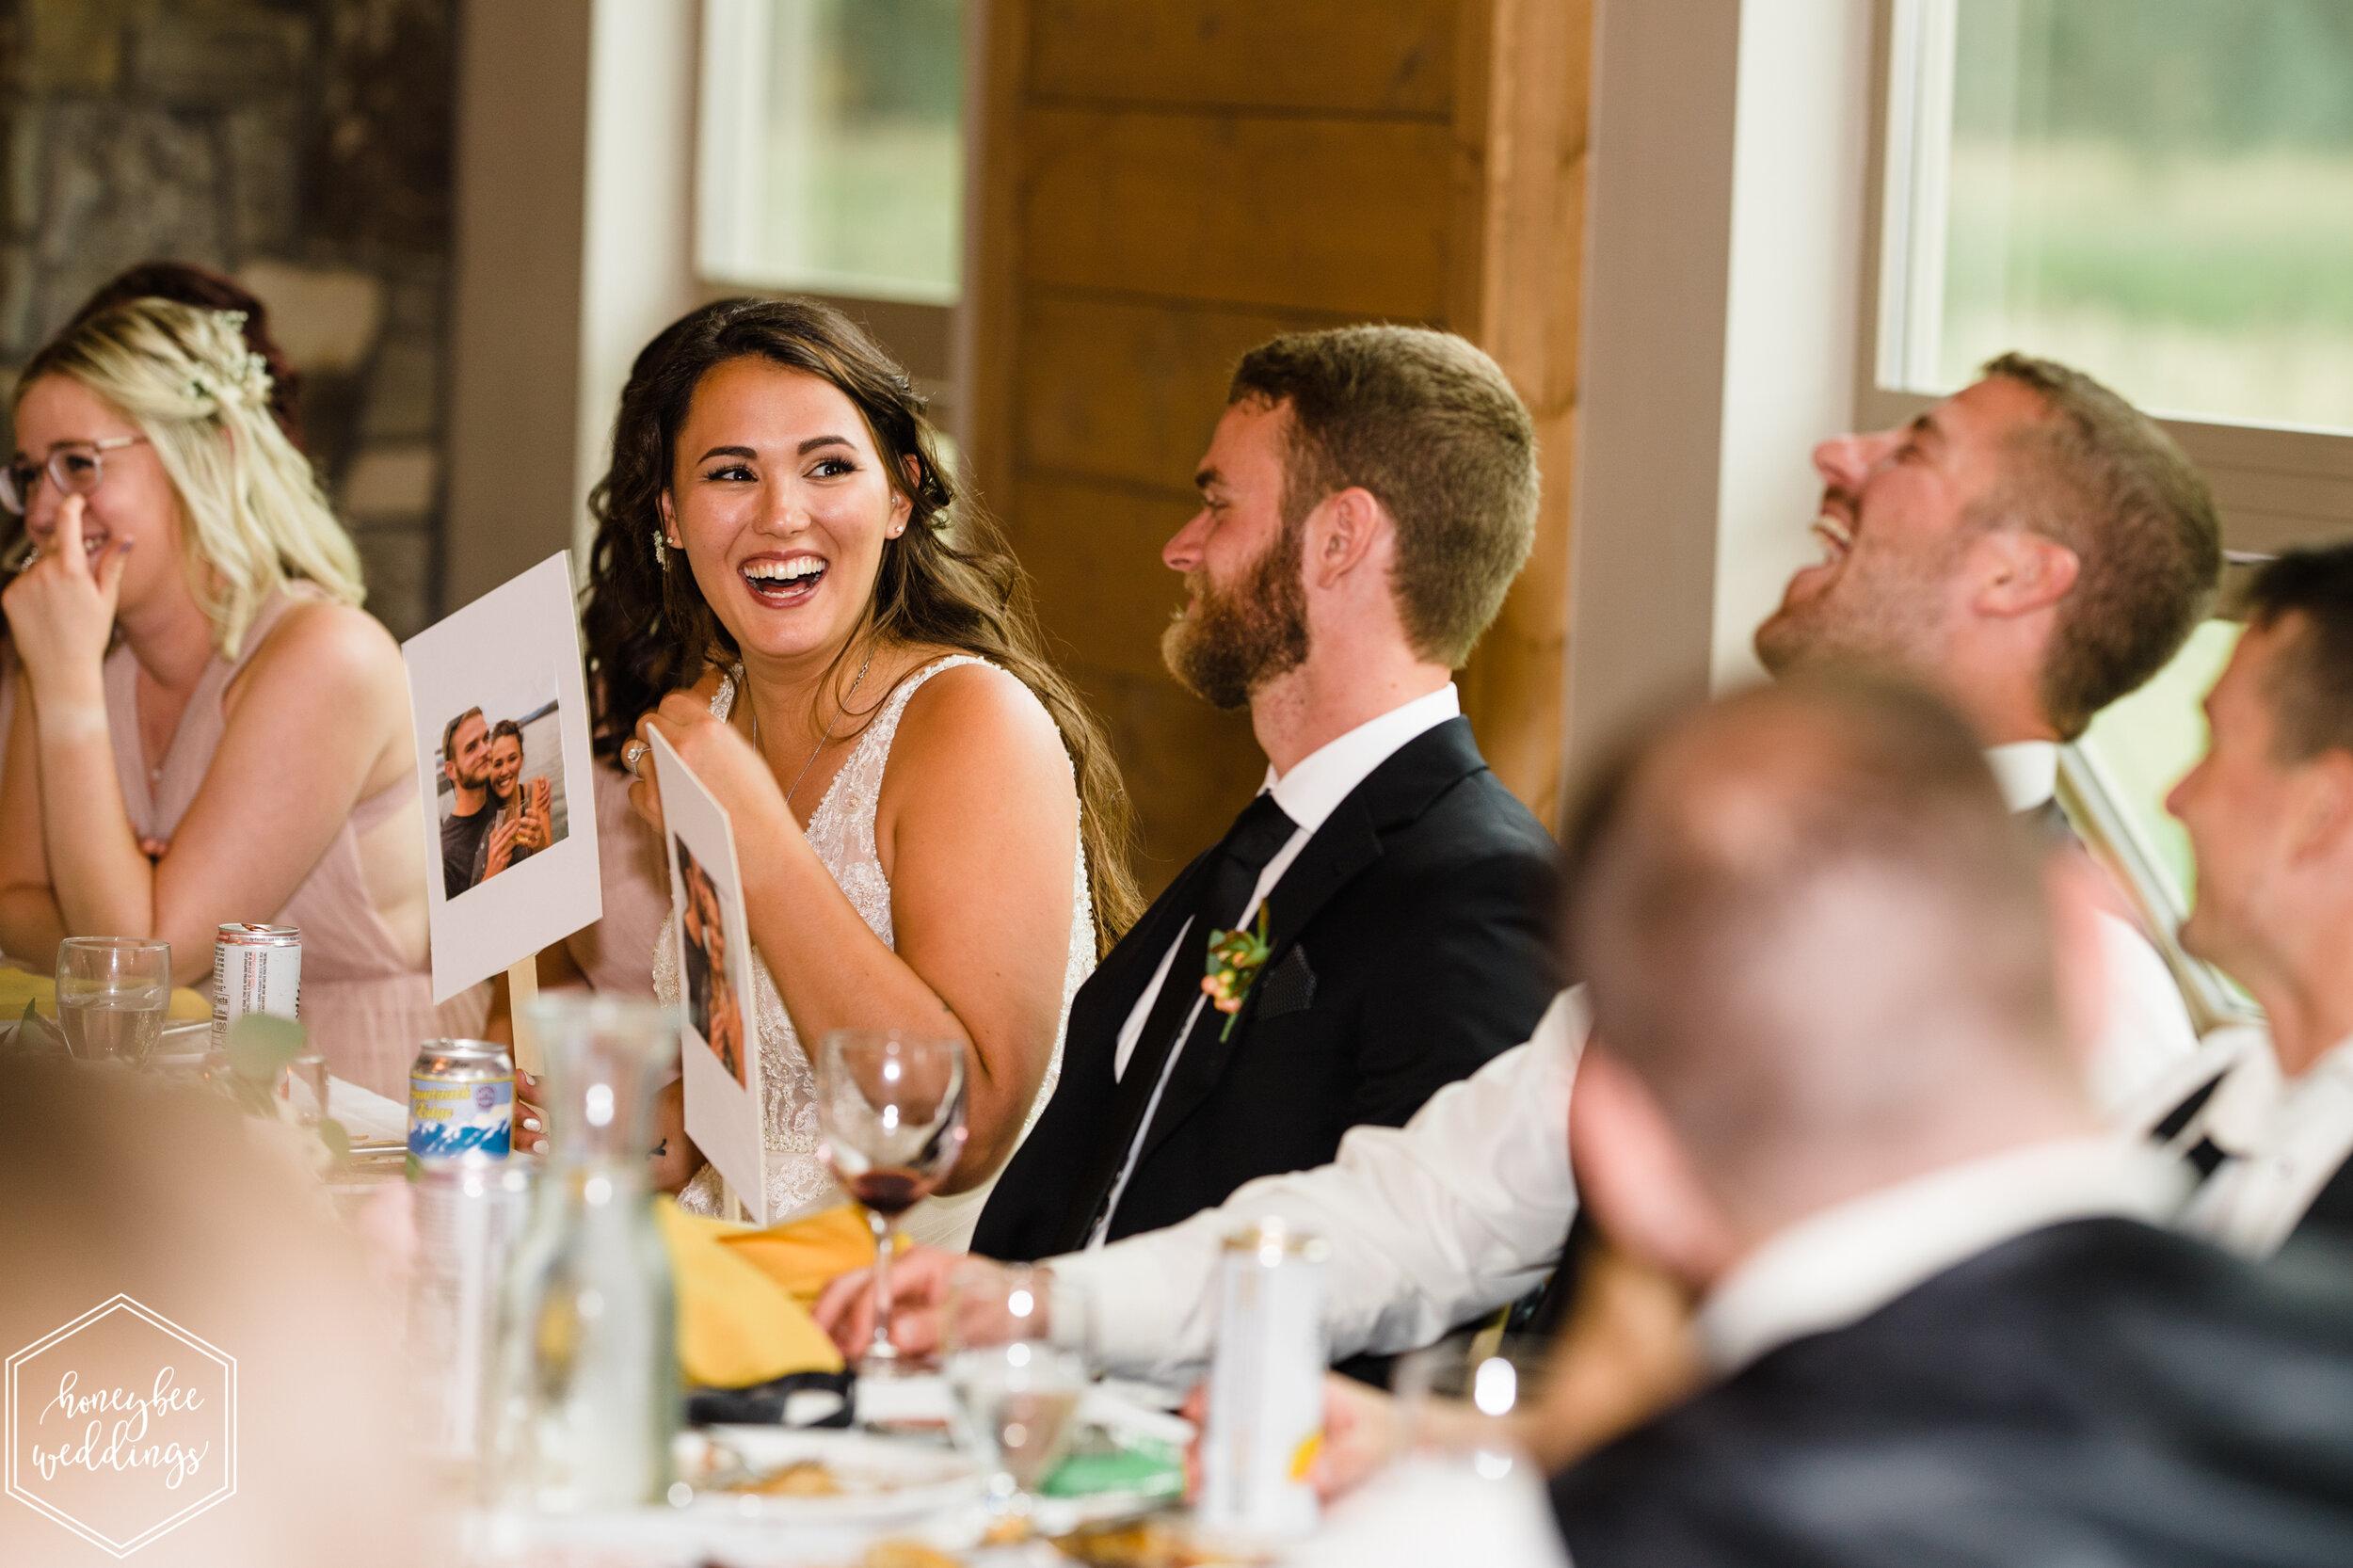 106White Raven Wedding_Montana Wedding Photographer_Corey & Corey_Honeybee Weddings_September 06, 2019-2540.jpg